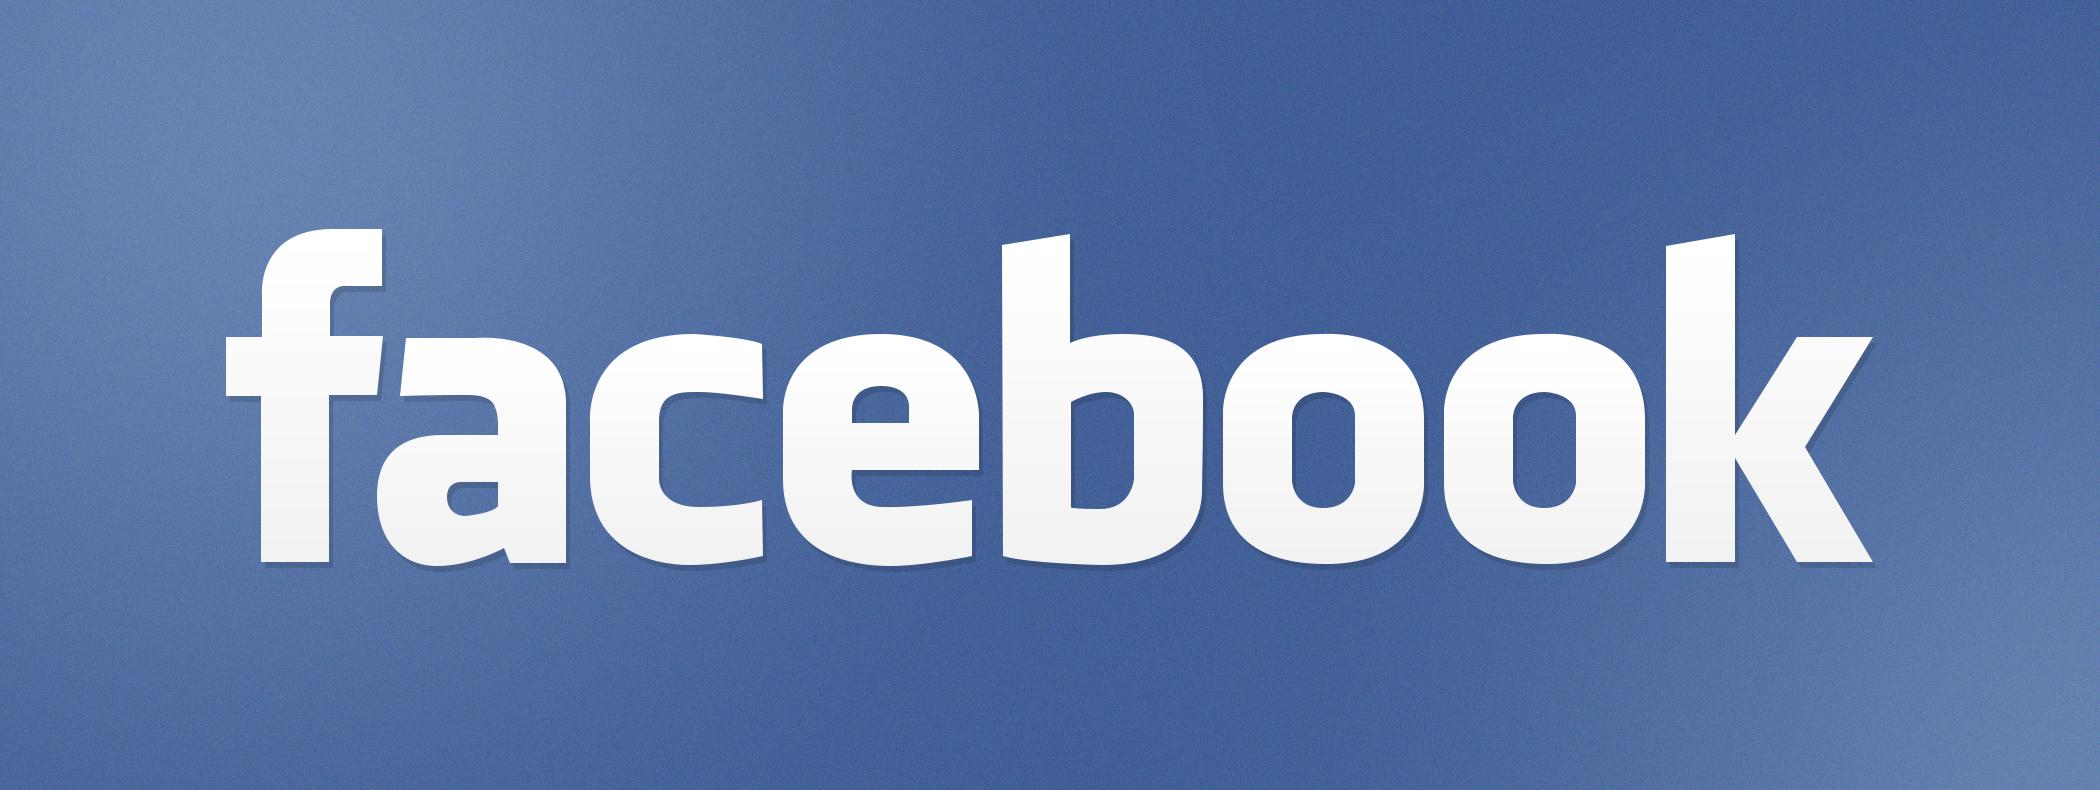 facebook-logo-spelledout.jpg